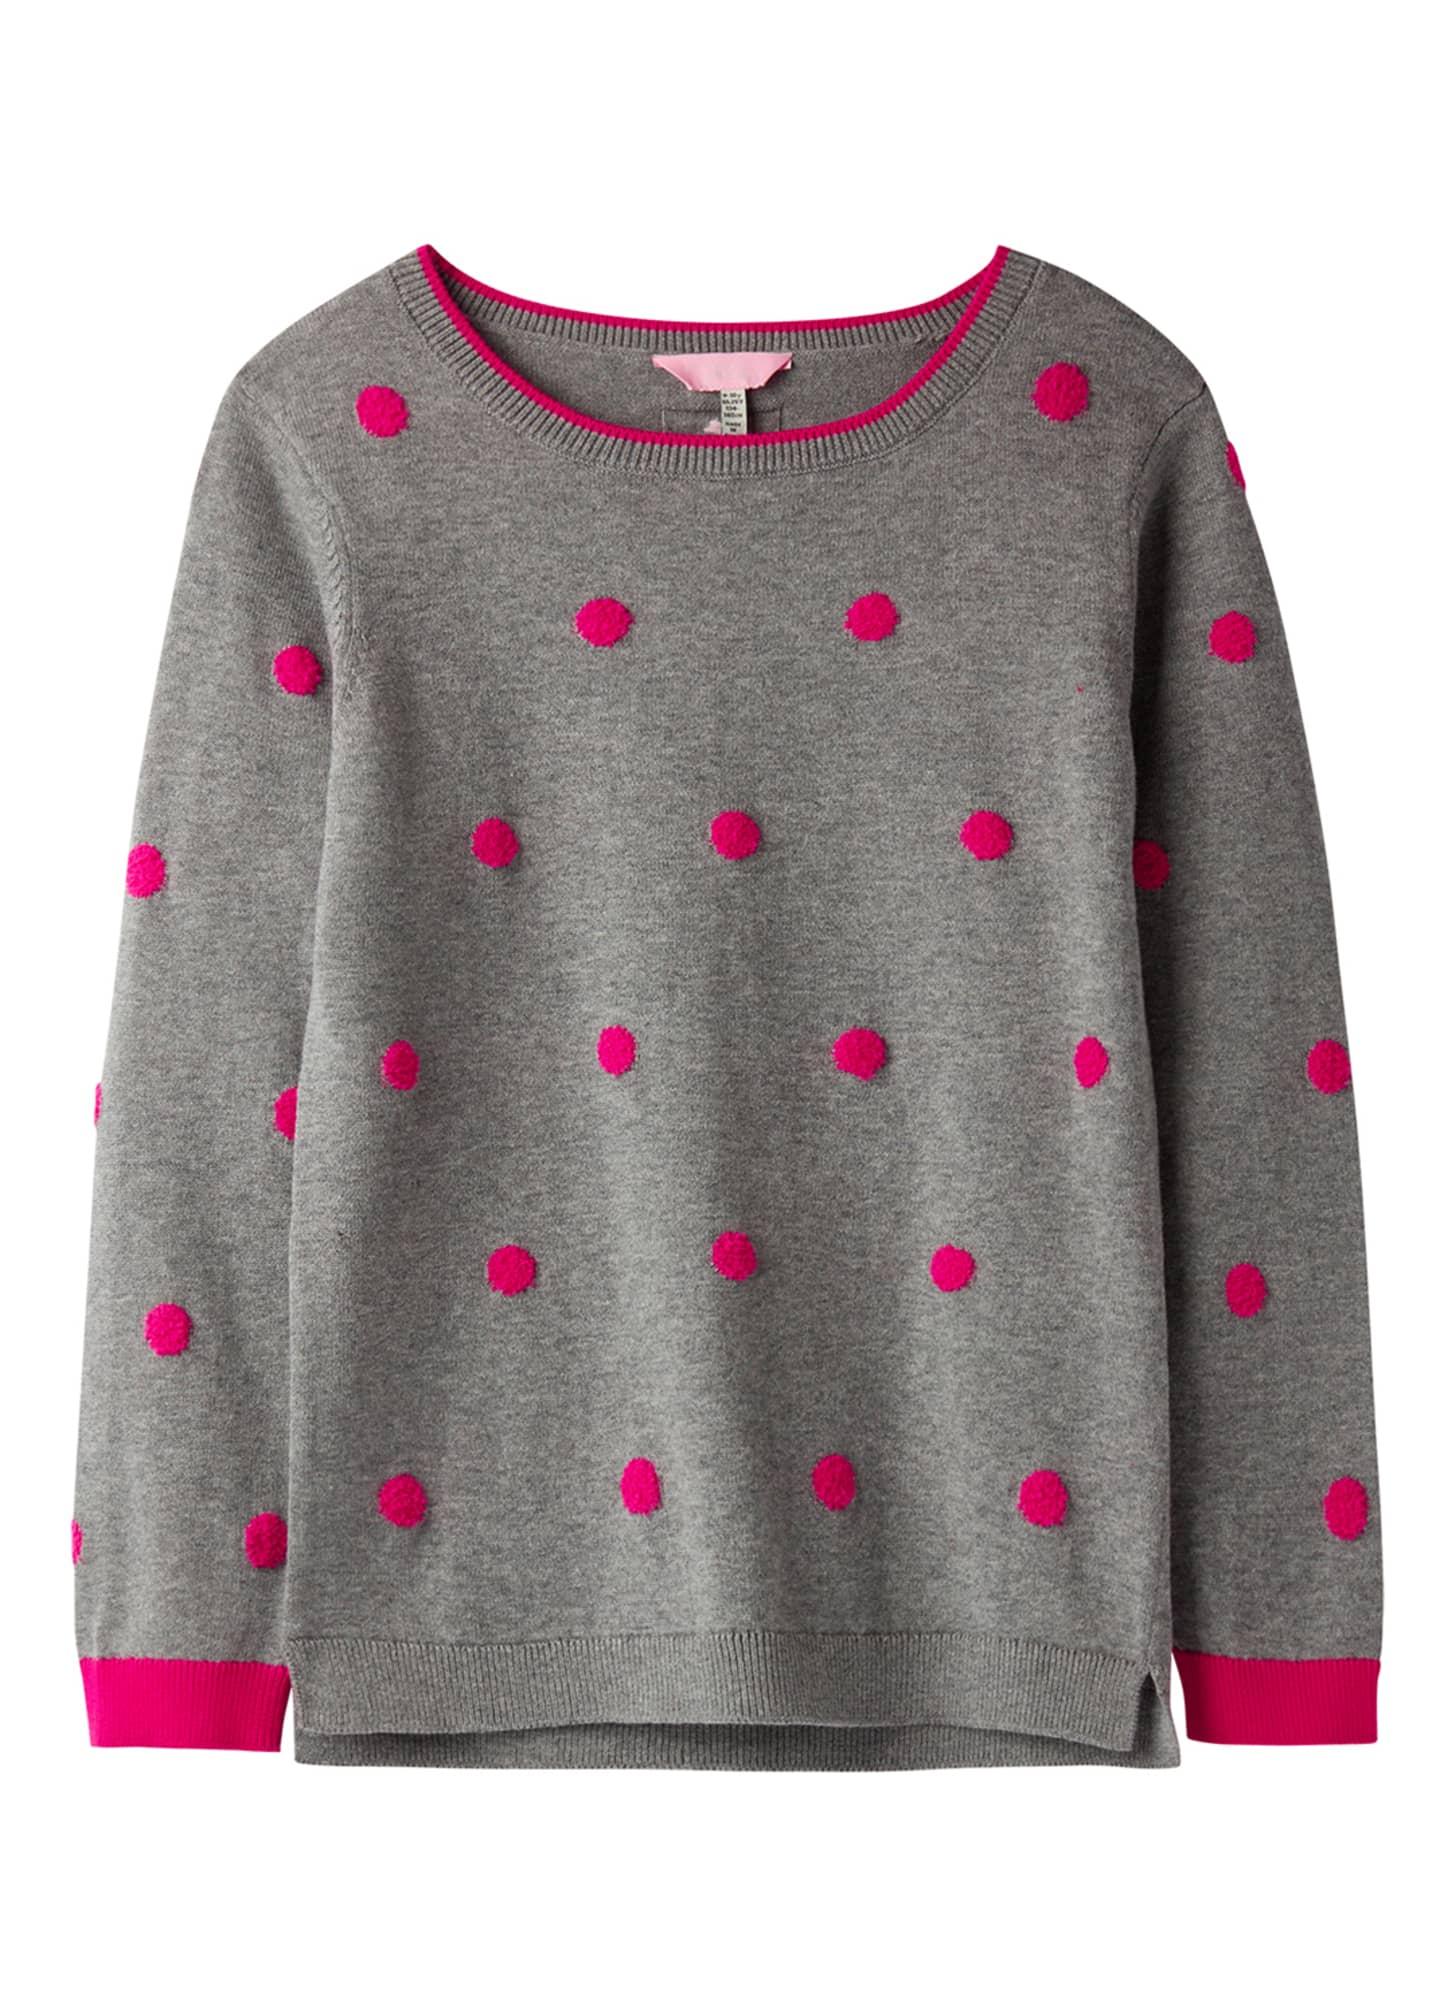 Joules Girl's Miranda Pompom Top, Size 3-12